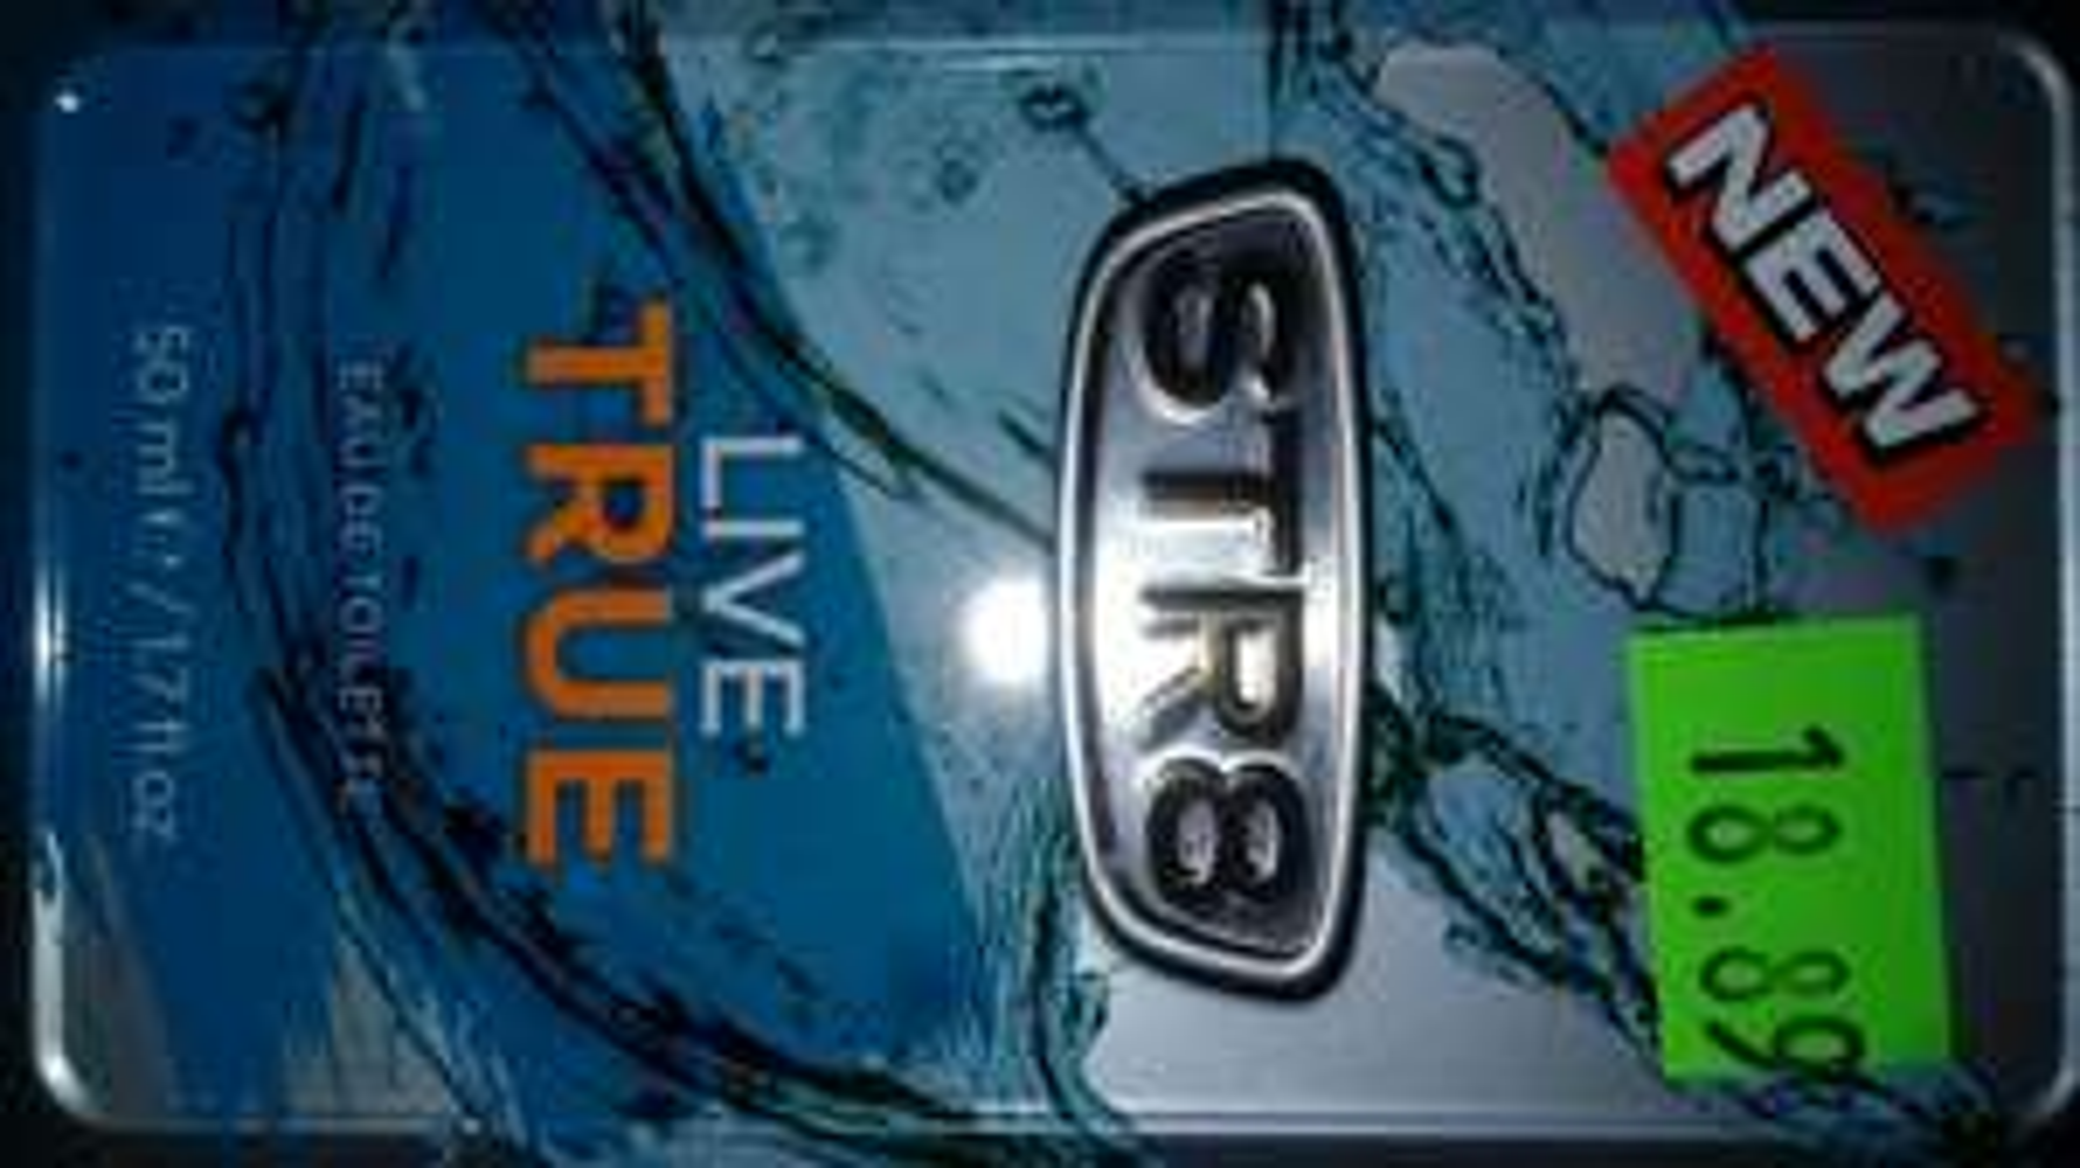 Woda toaletowa STR8 Live True 50 ml. Wyprzedaż w Rossmann Częstochowa